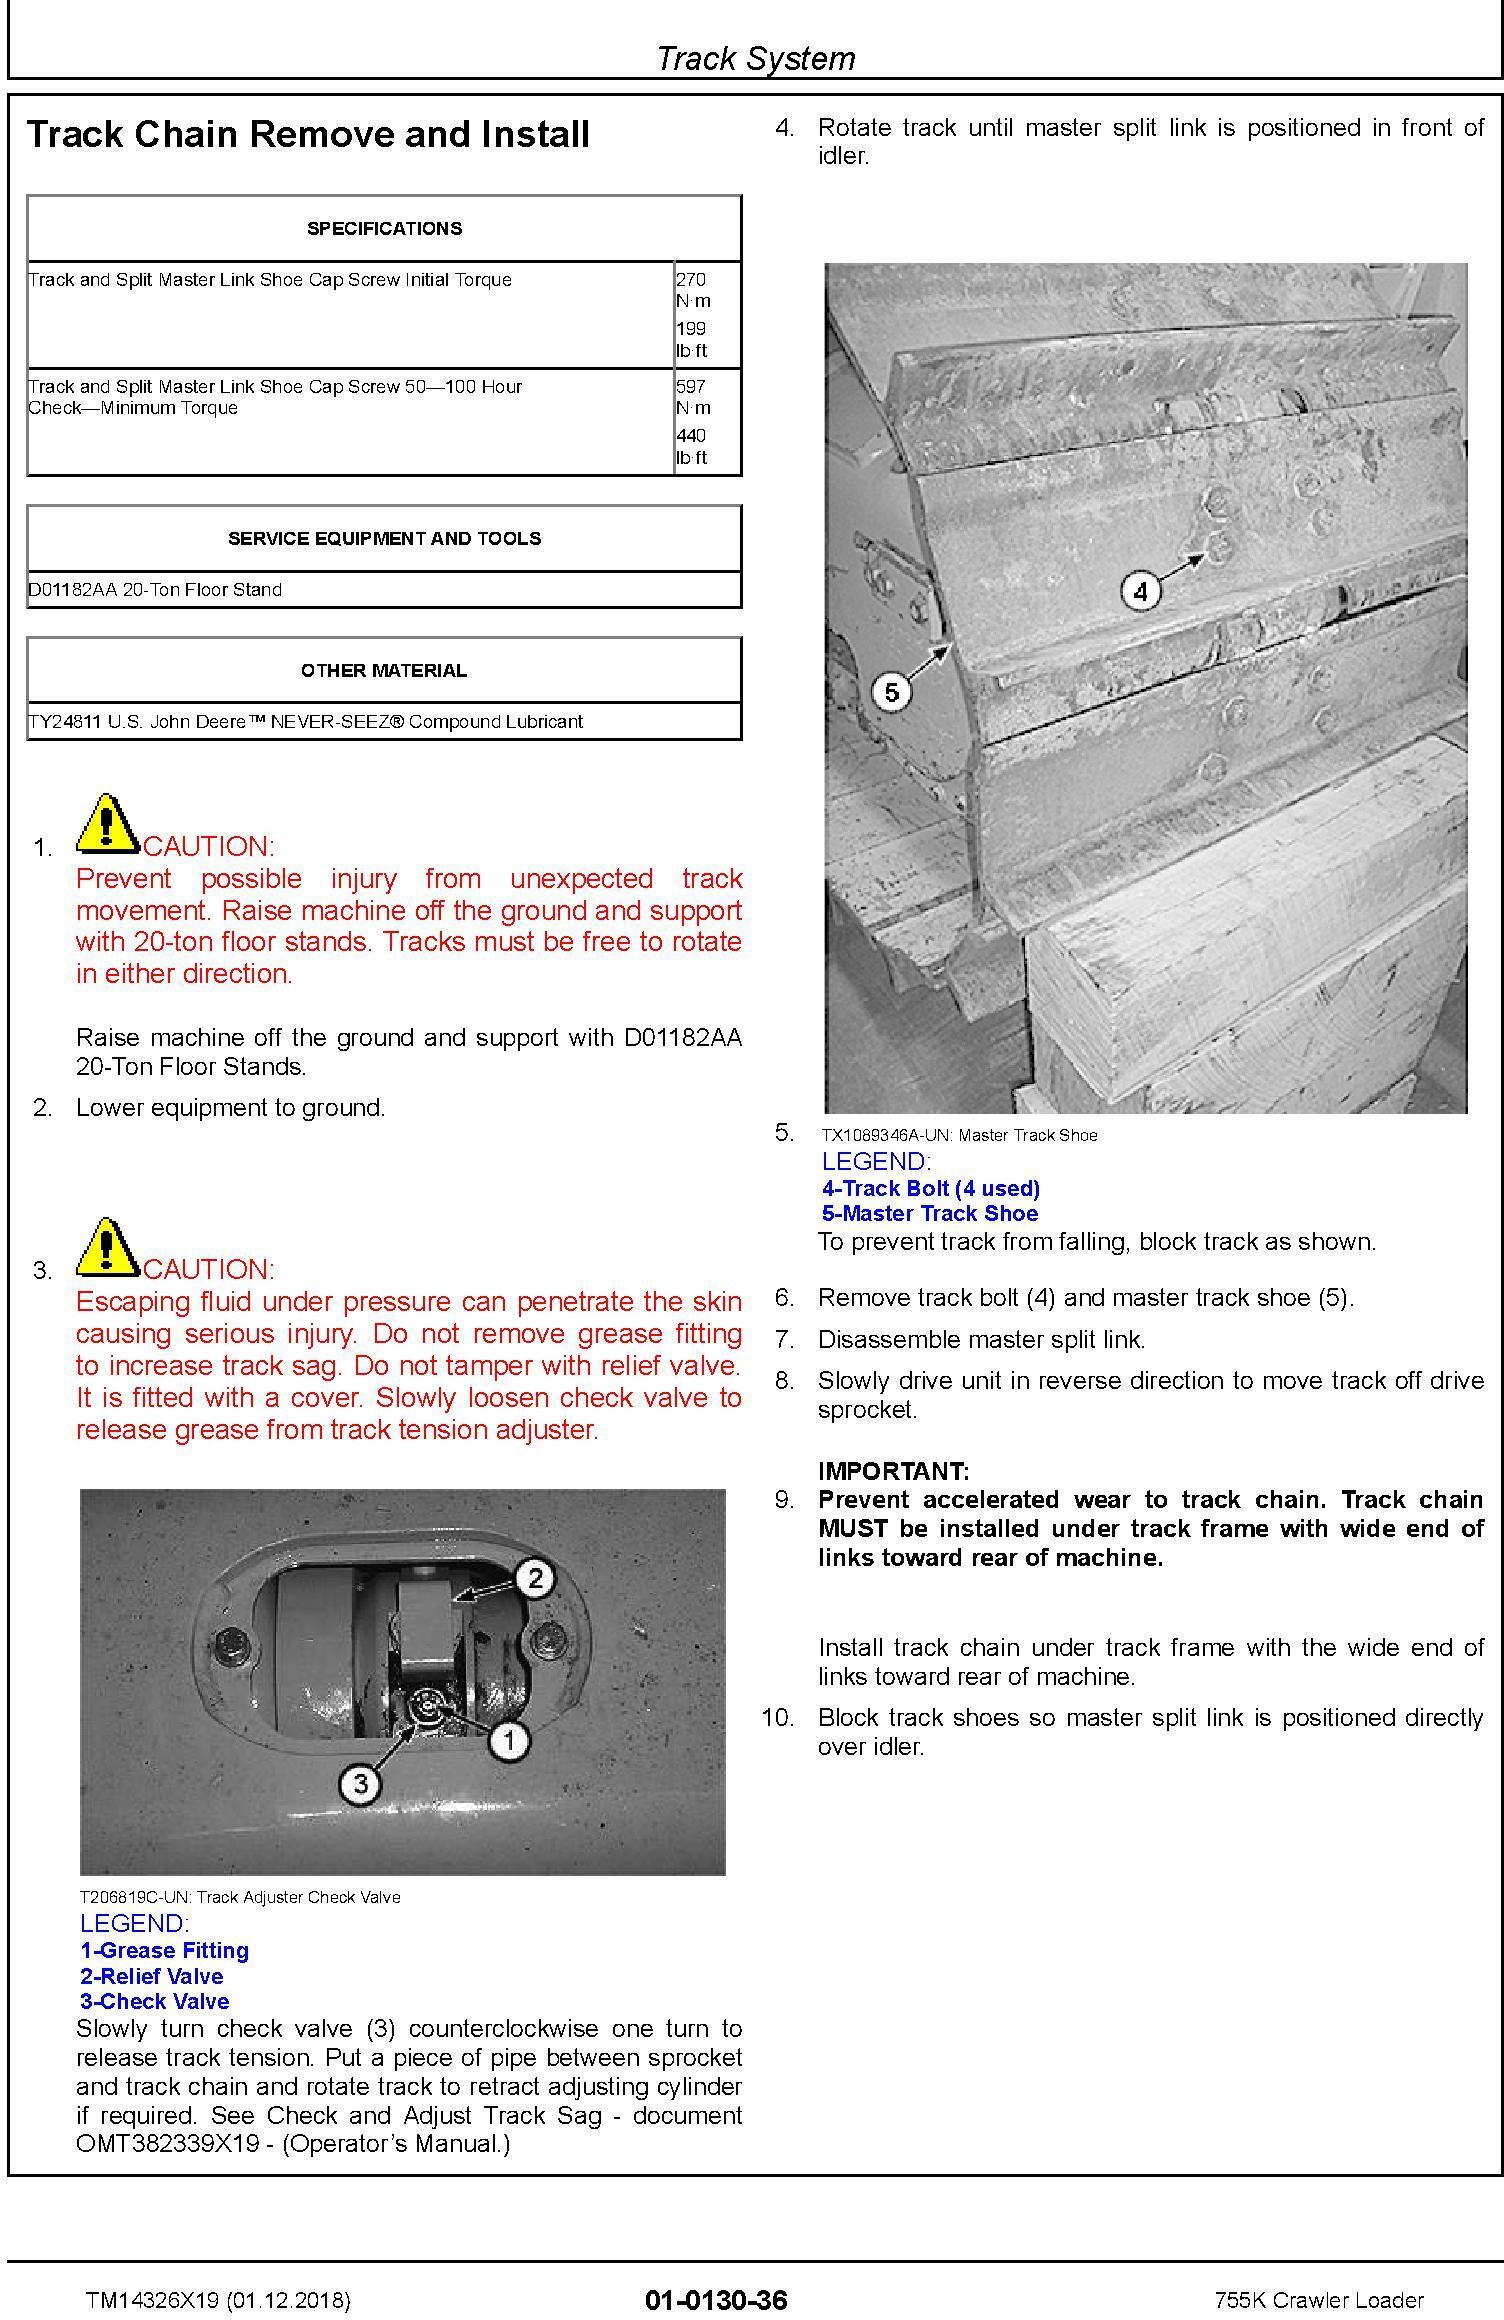 John Deere 755K Crawler Loader Repair Technical Manual (TM14326X19) - 2